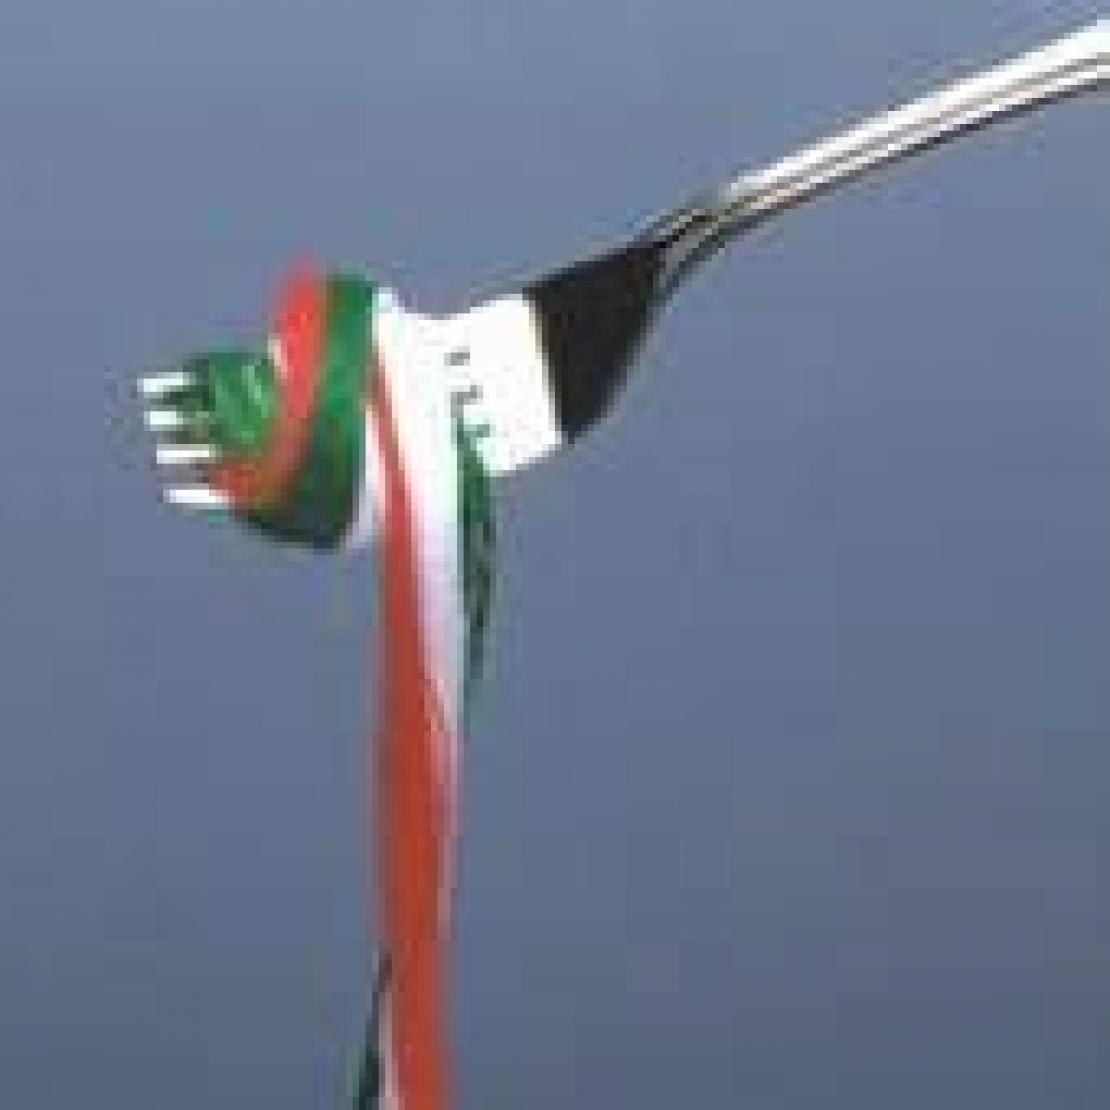 Le misure anticontraffazione sono una priorità per l'Italia. Con l'olio d'oliva stanno funzionando